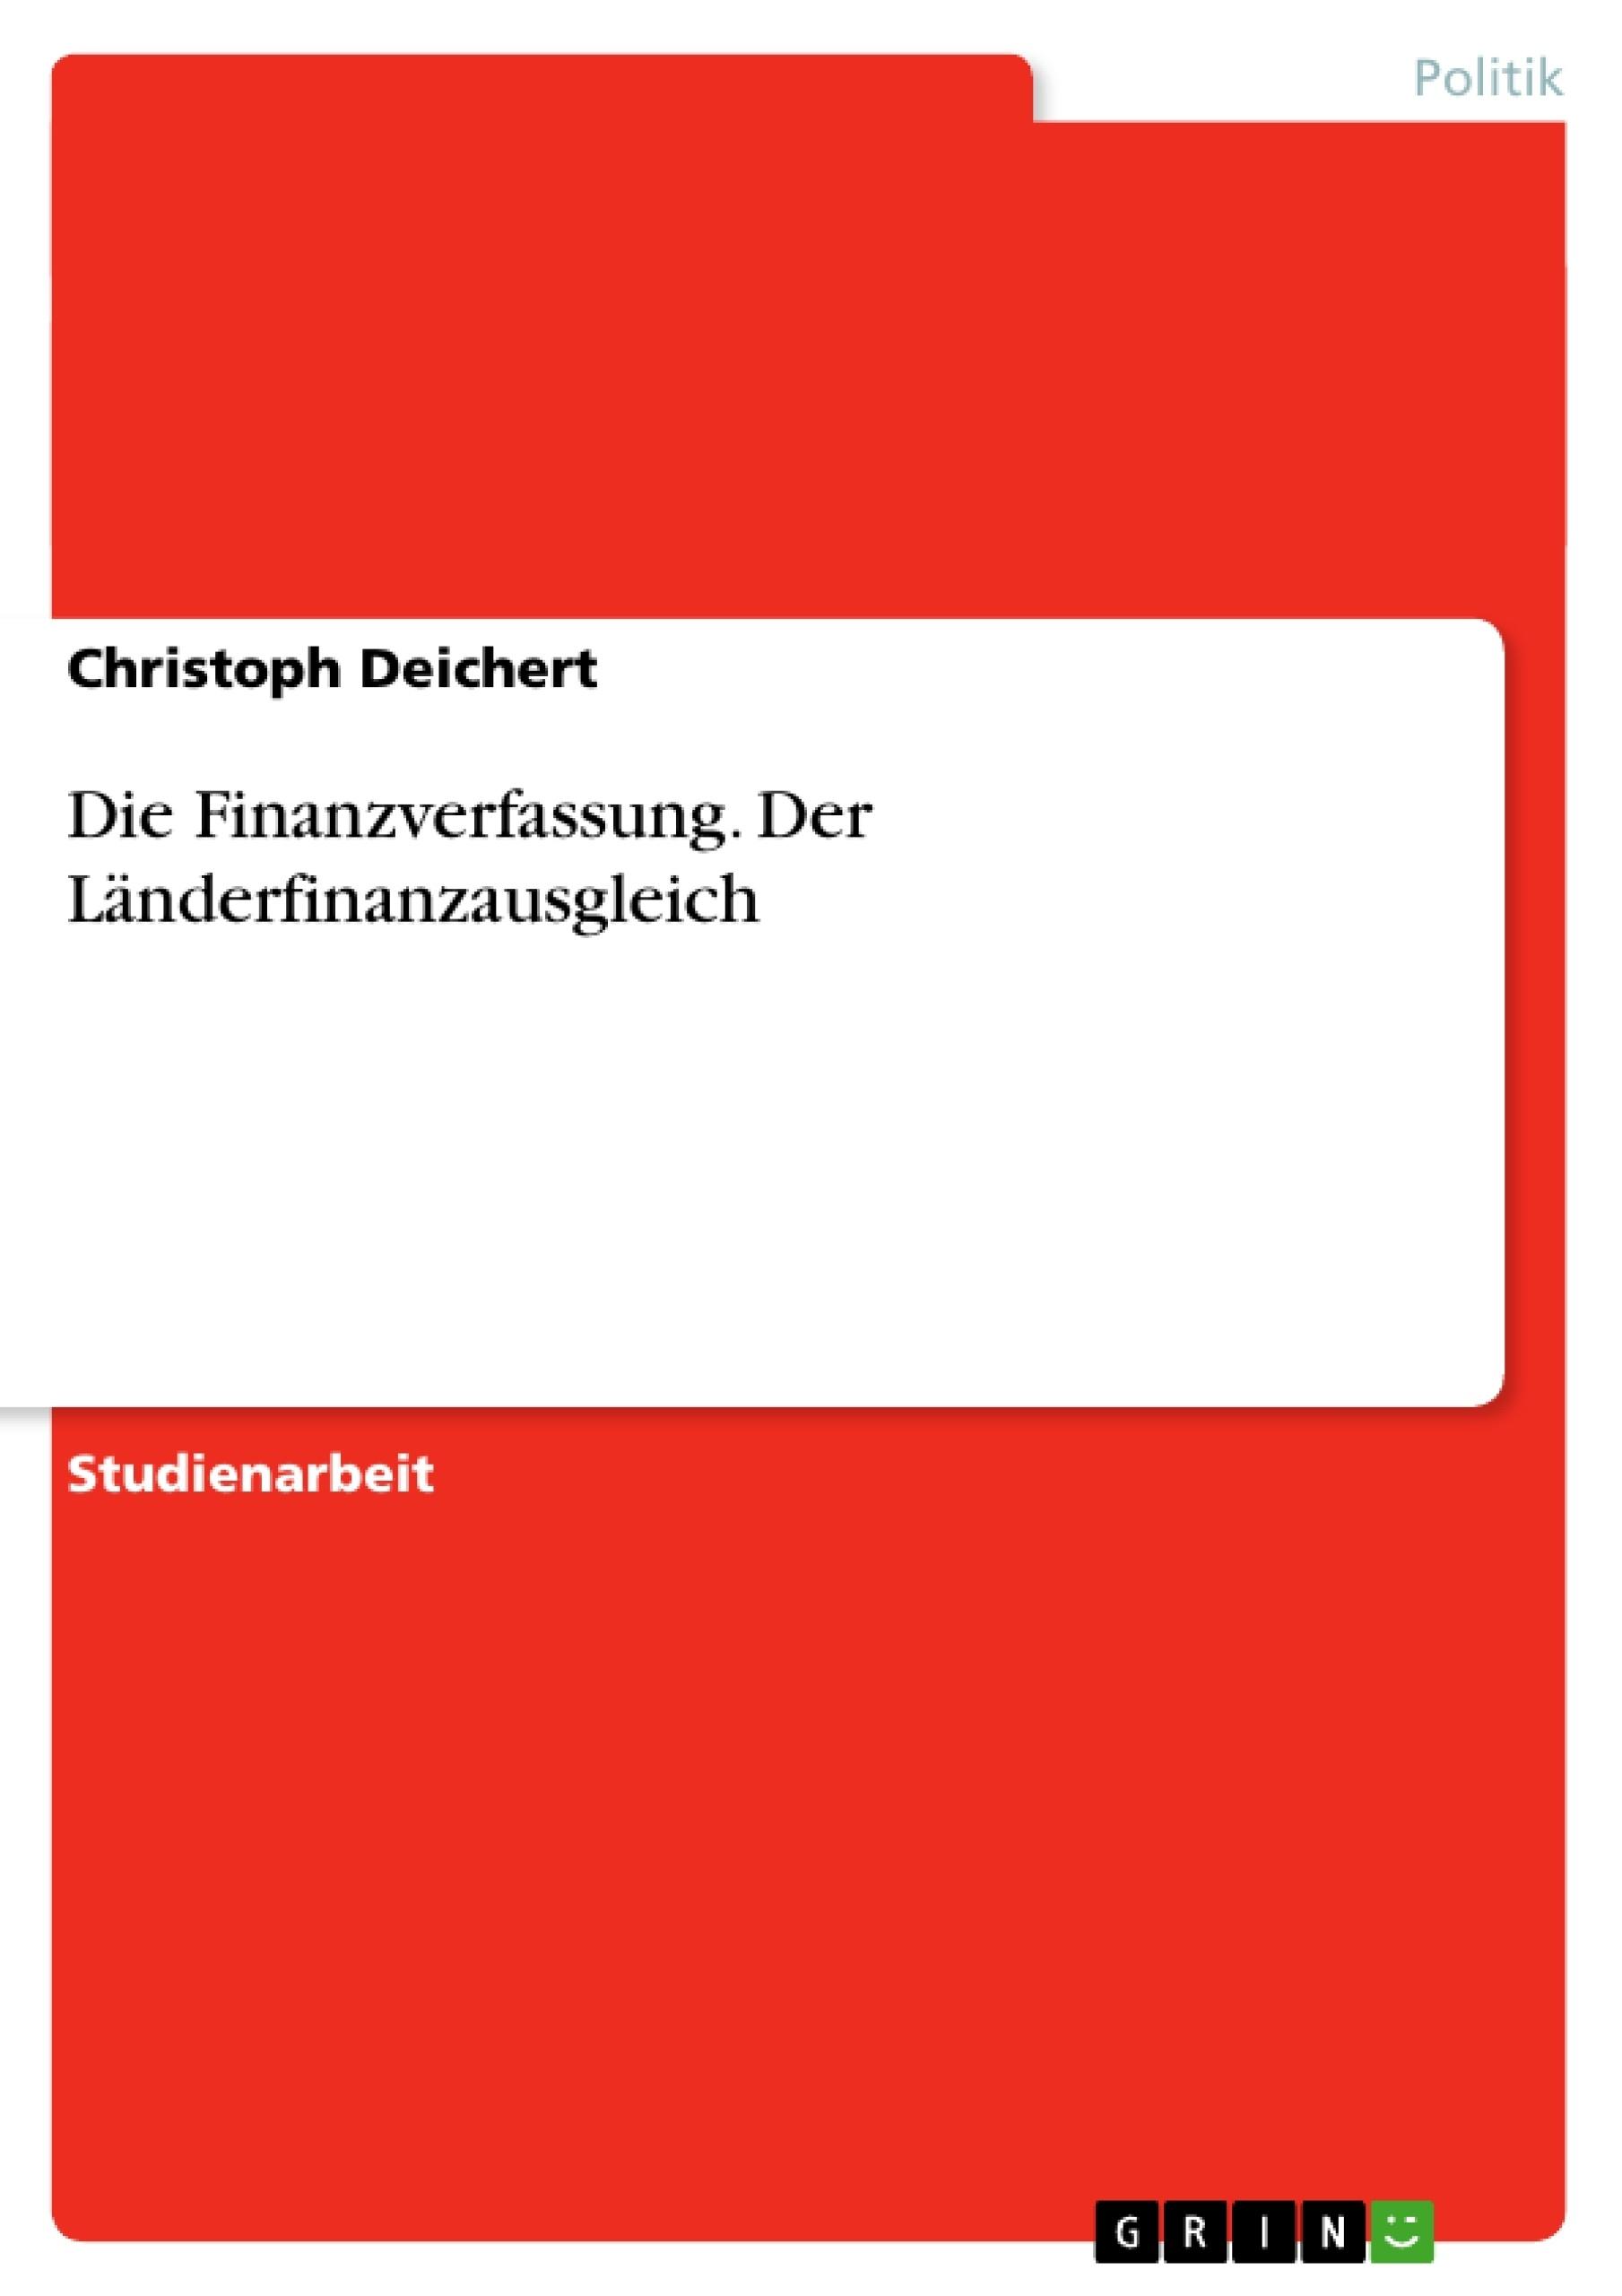 Titel: Die Finanzverfassung. Der Länderfinanzausgleich